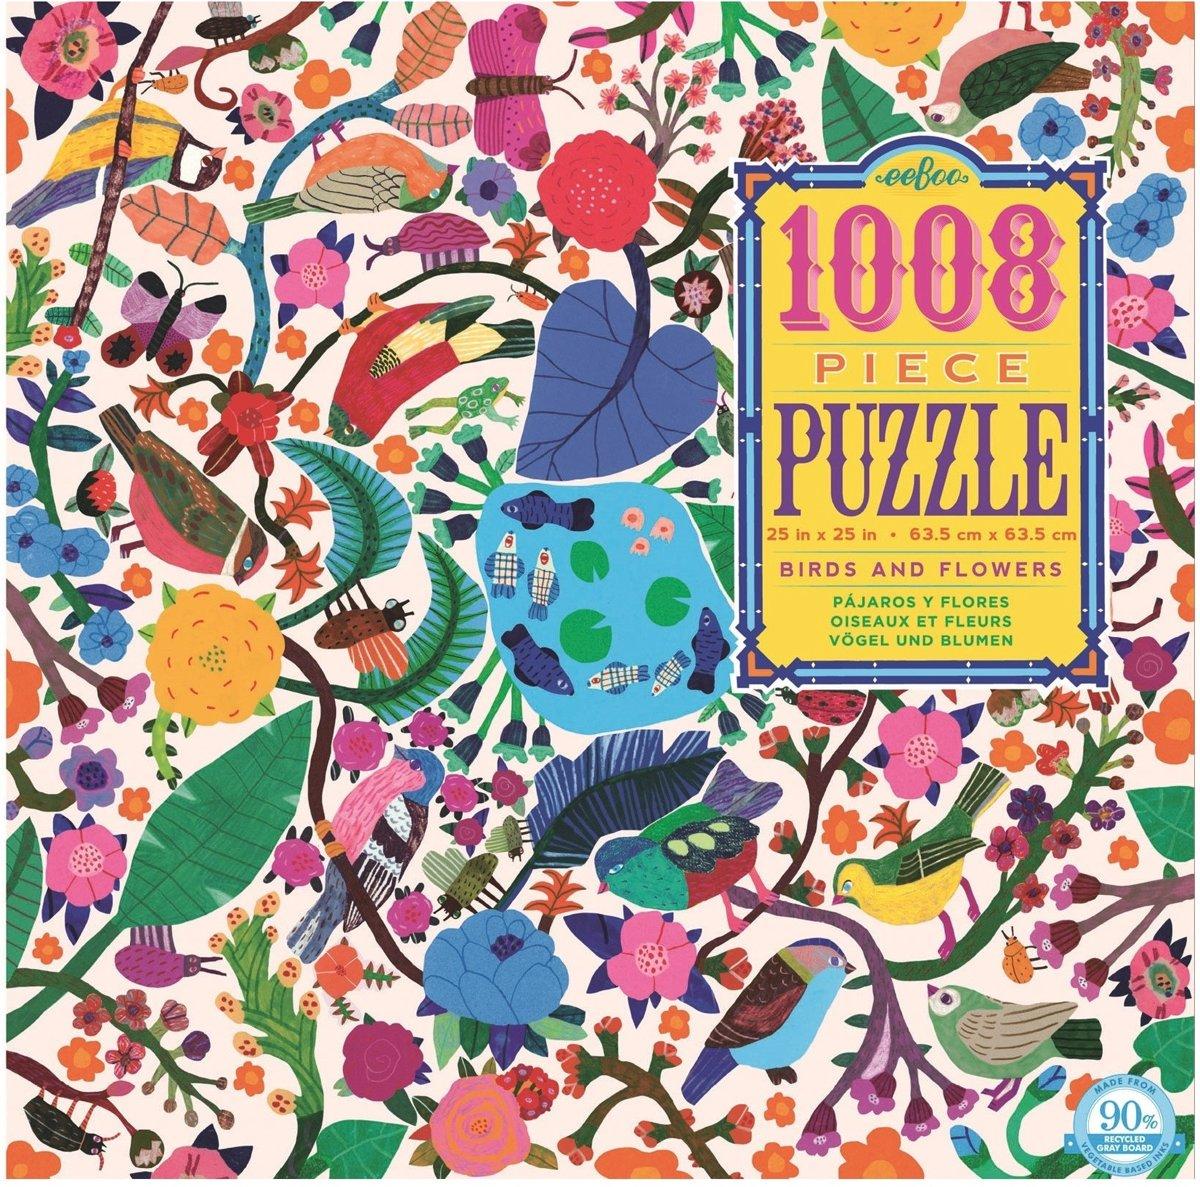 Eeboo Puzzel Vogels En Bloemen 1008 Delig kopen